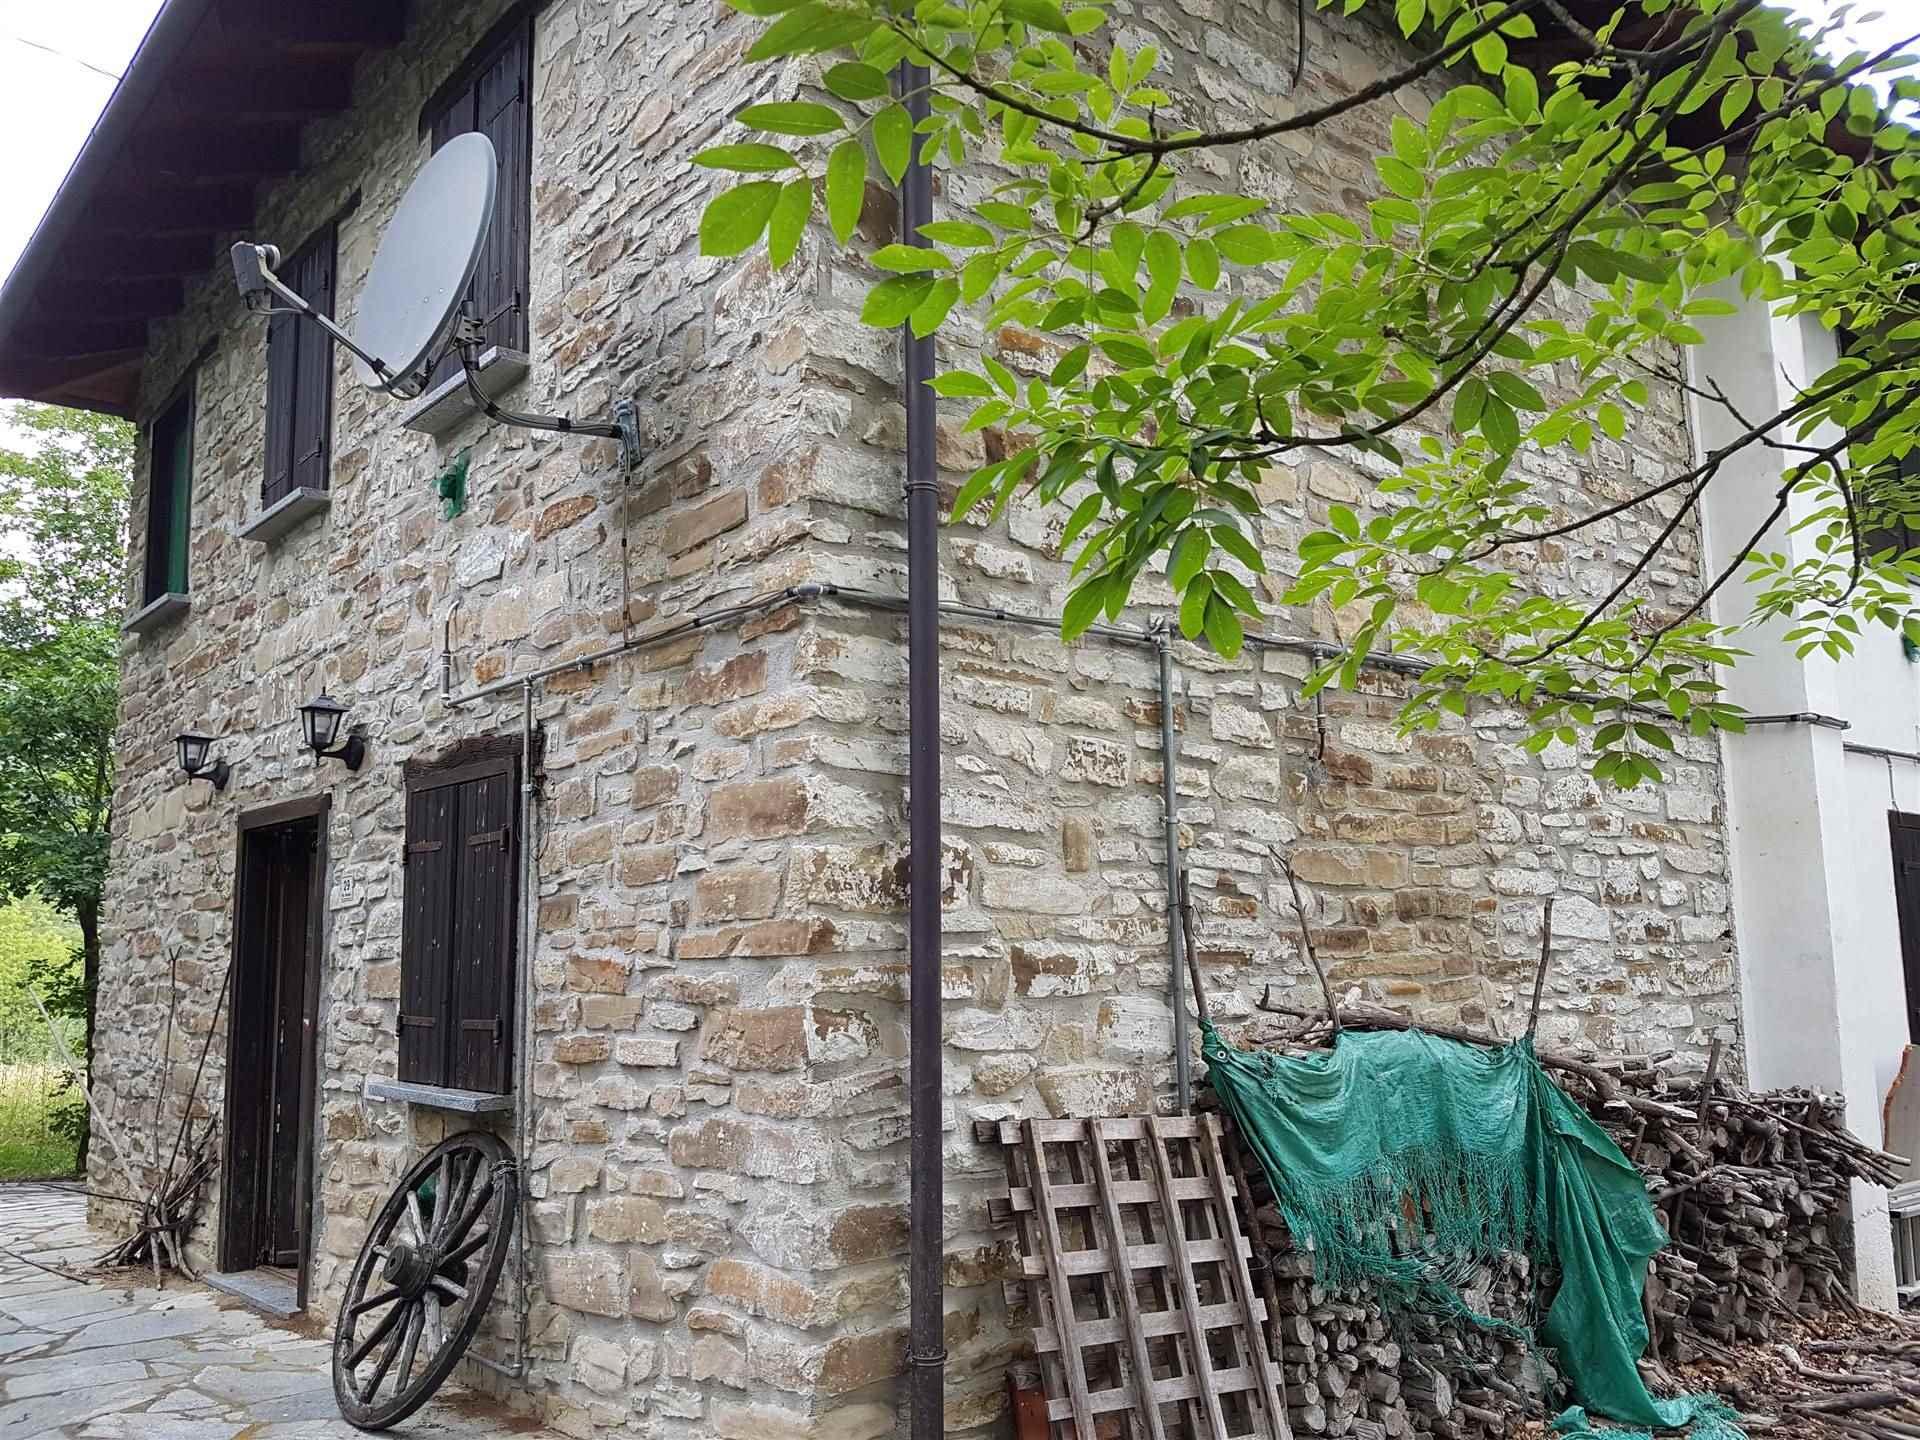 Villa in vendita a Monastero Bormida, 5 locali, prezzo € 95.000 | CambioCasa.it